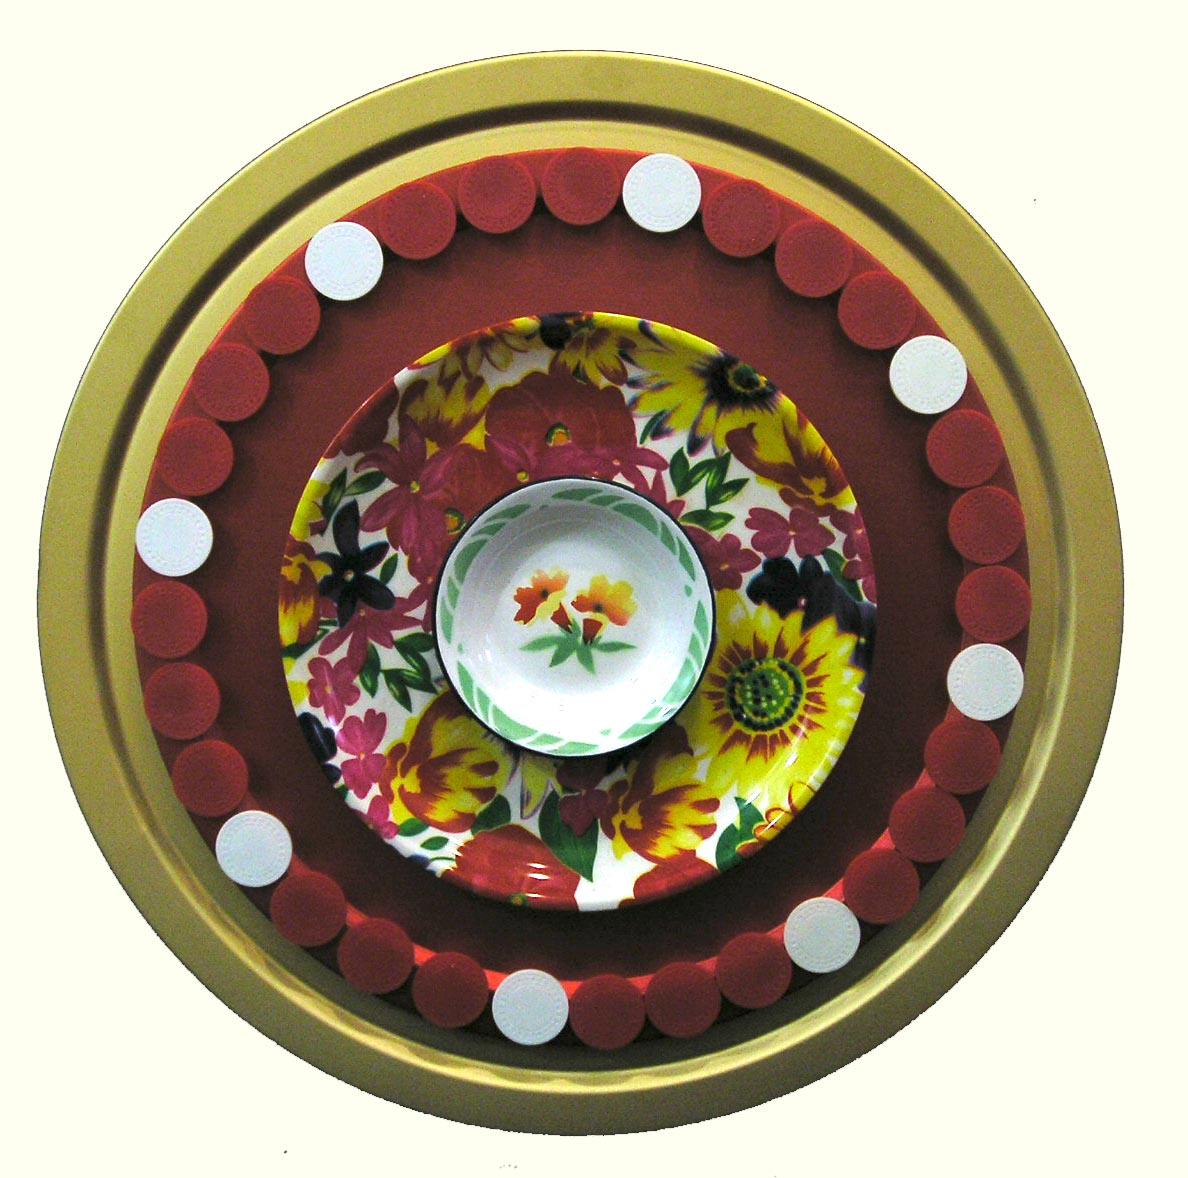 China, objetos ensamblados, 2006